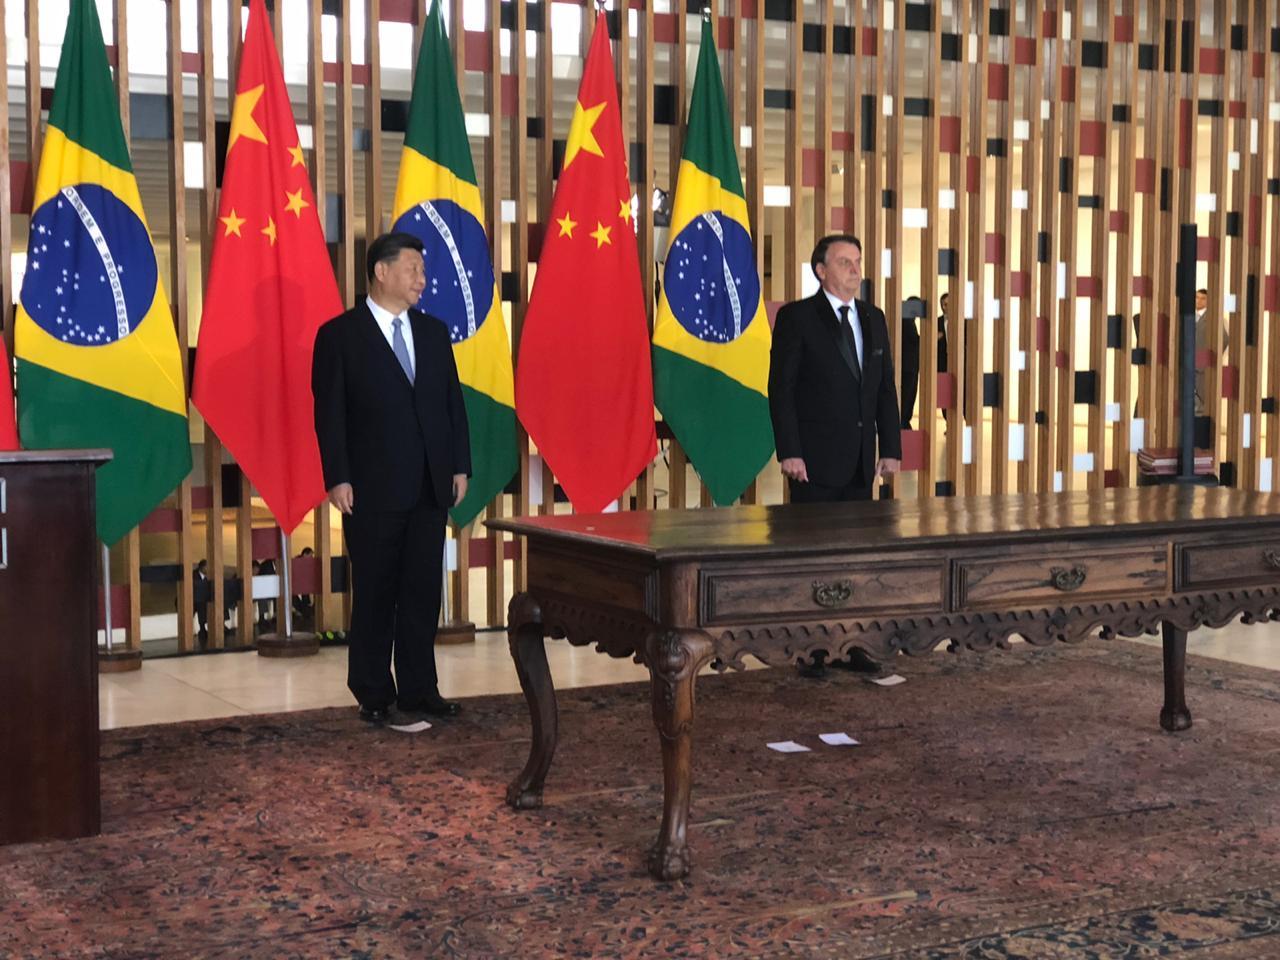 """Vídeo: """"Vamos estreitar o intercâmbio entre os nossos povos"""", diz Xi Jinping"""